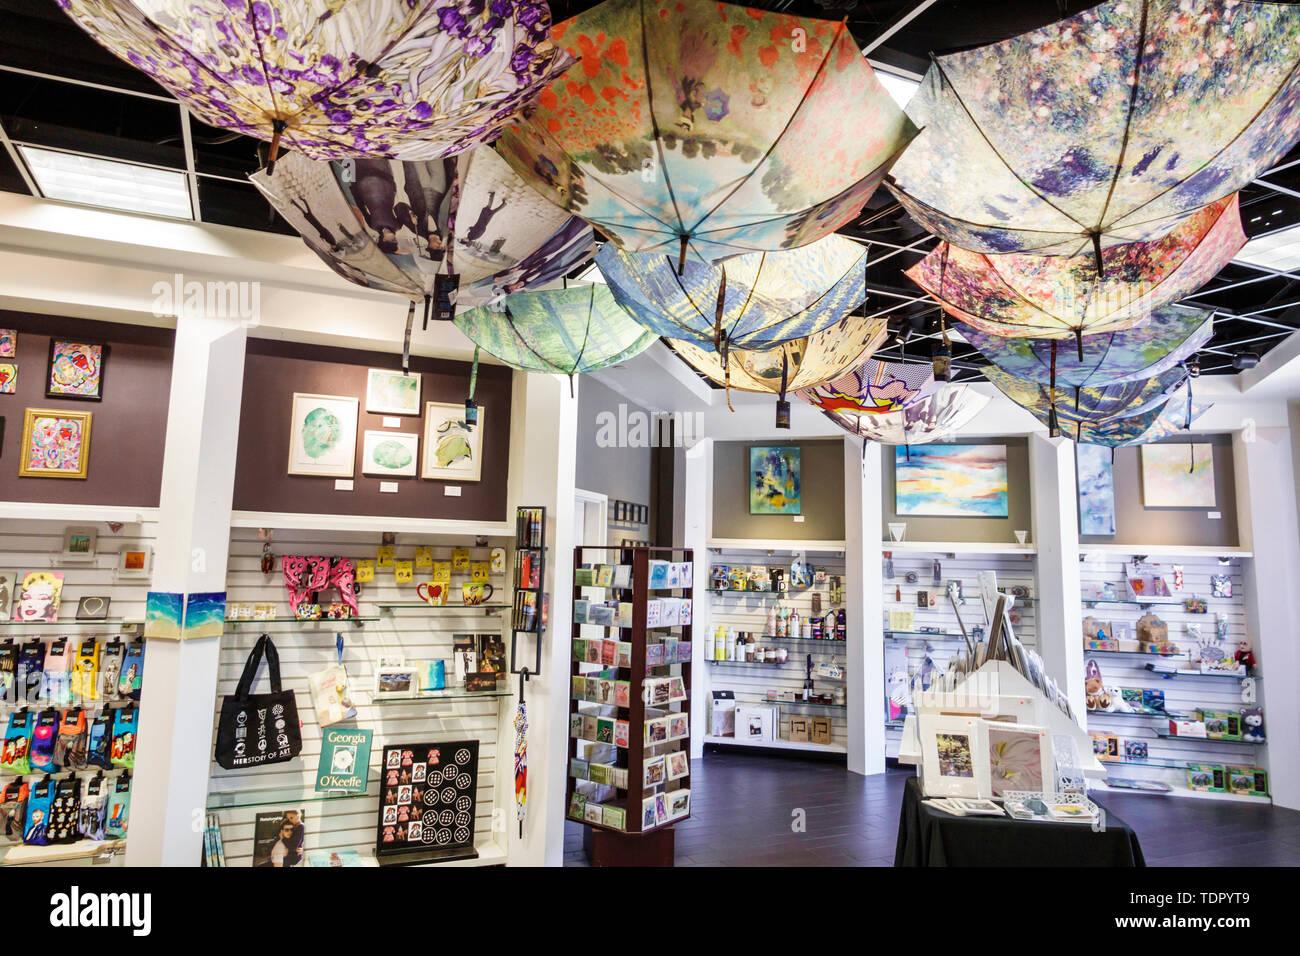 Orlando Florida Museum Store Shop - Verkauf Anzeige Sonnenschirme Stockfoto